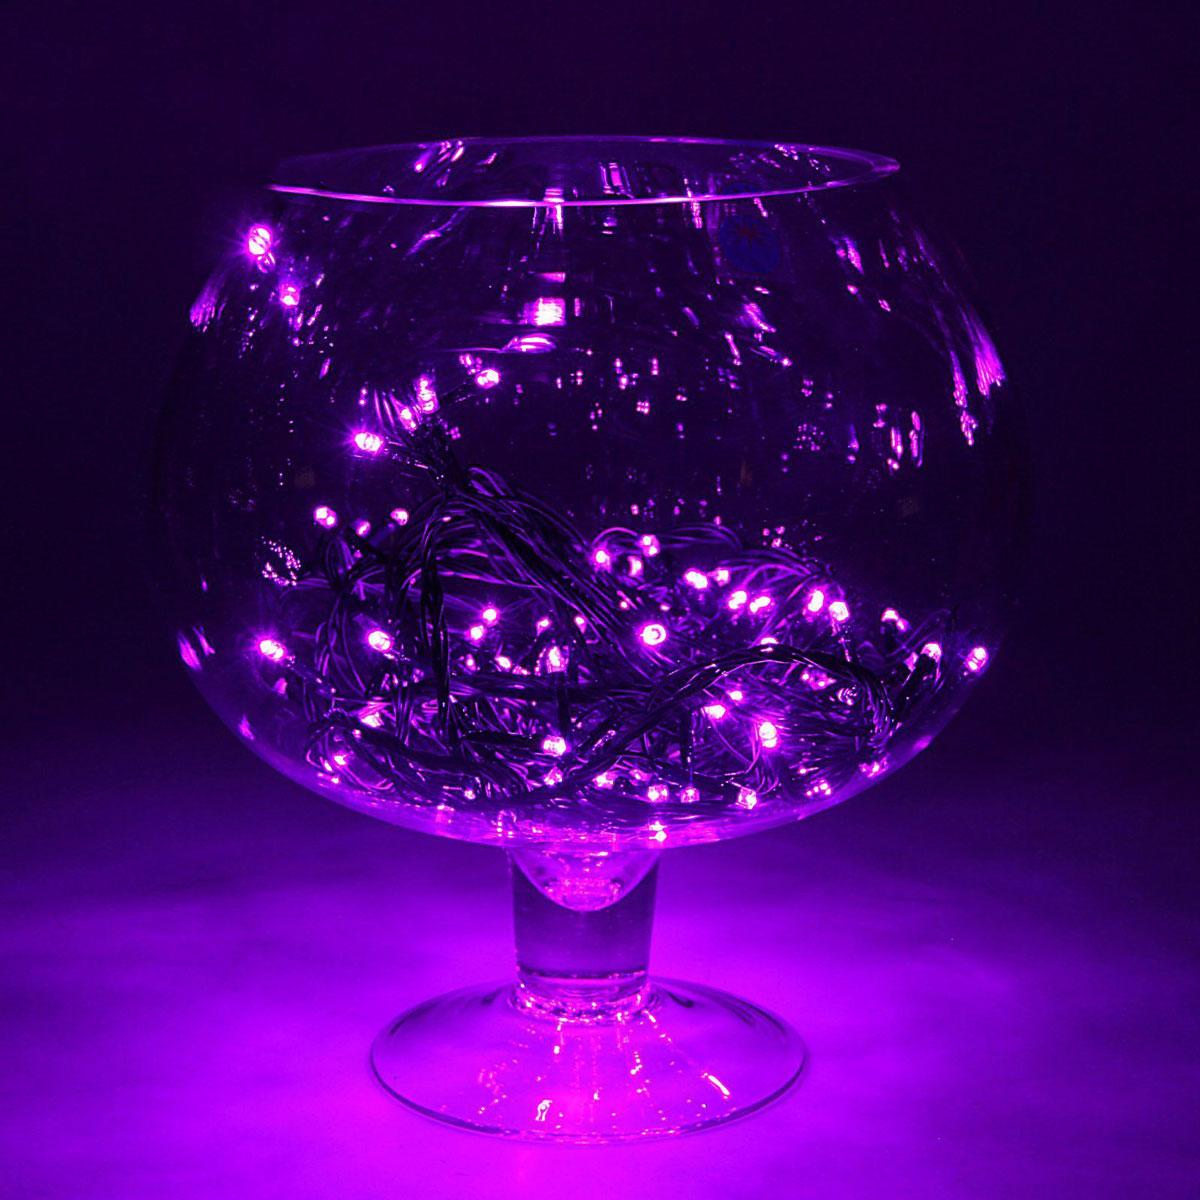 Гирлянда светодиодная Luazon Метраж, цвет: фиолетовый, 180 ламп, 8 режимов, 220 V, длина 15 м. 15857771585777Светодиодные гирлянды и ленты — это отличный вариант для новогоднего оформления интерьера или фасада. С их помощью помещение любого размера можно превратить в праздничный зал, а внешние элементы зданий, украшенные ими, мгновенно станут напоминать очертания сказочного дворца. Такие украшения создают ауру предвкушения чуда. Деревья, фасады, витрины, окна и арки будто специально созданы, чтобы вы украсили их светящимися нитями.